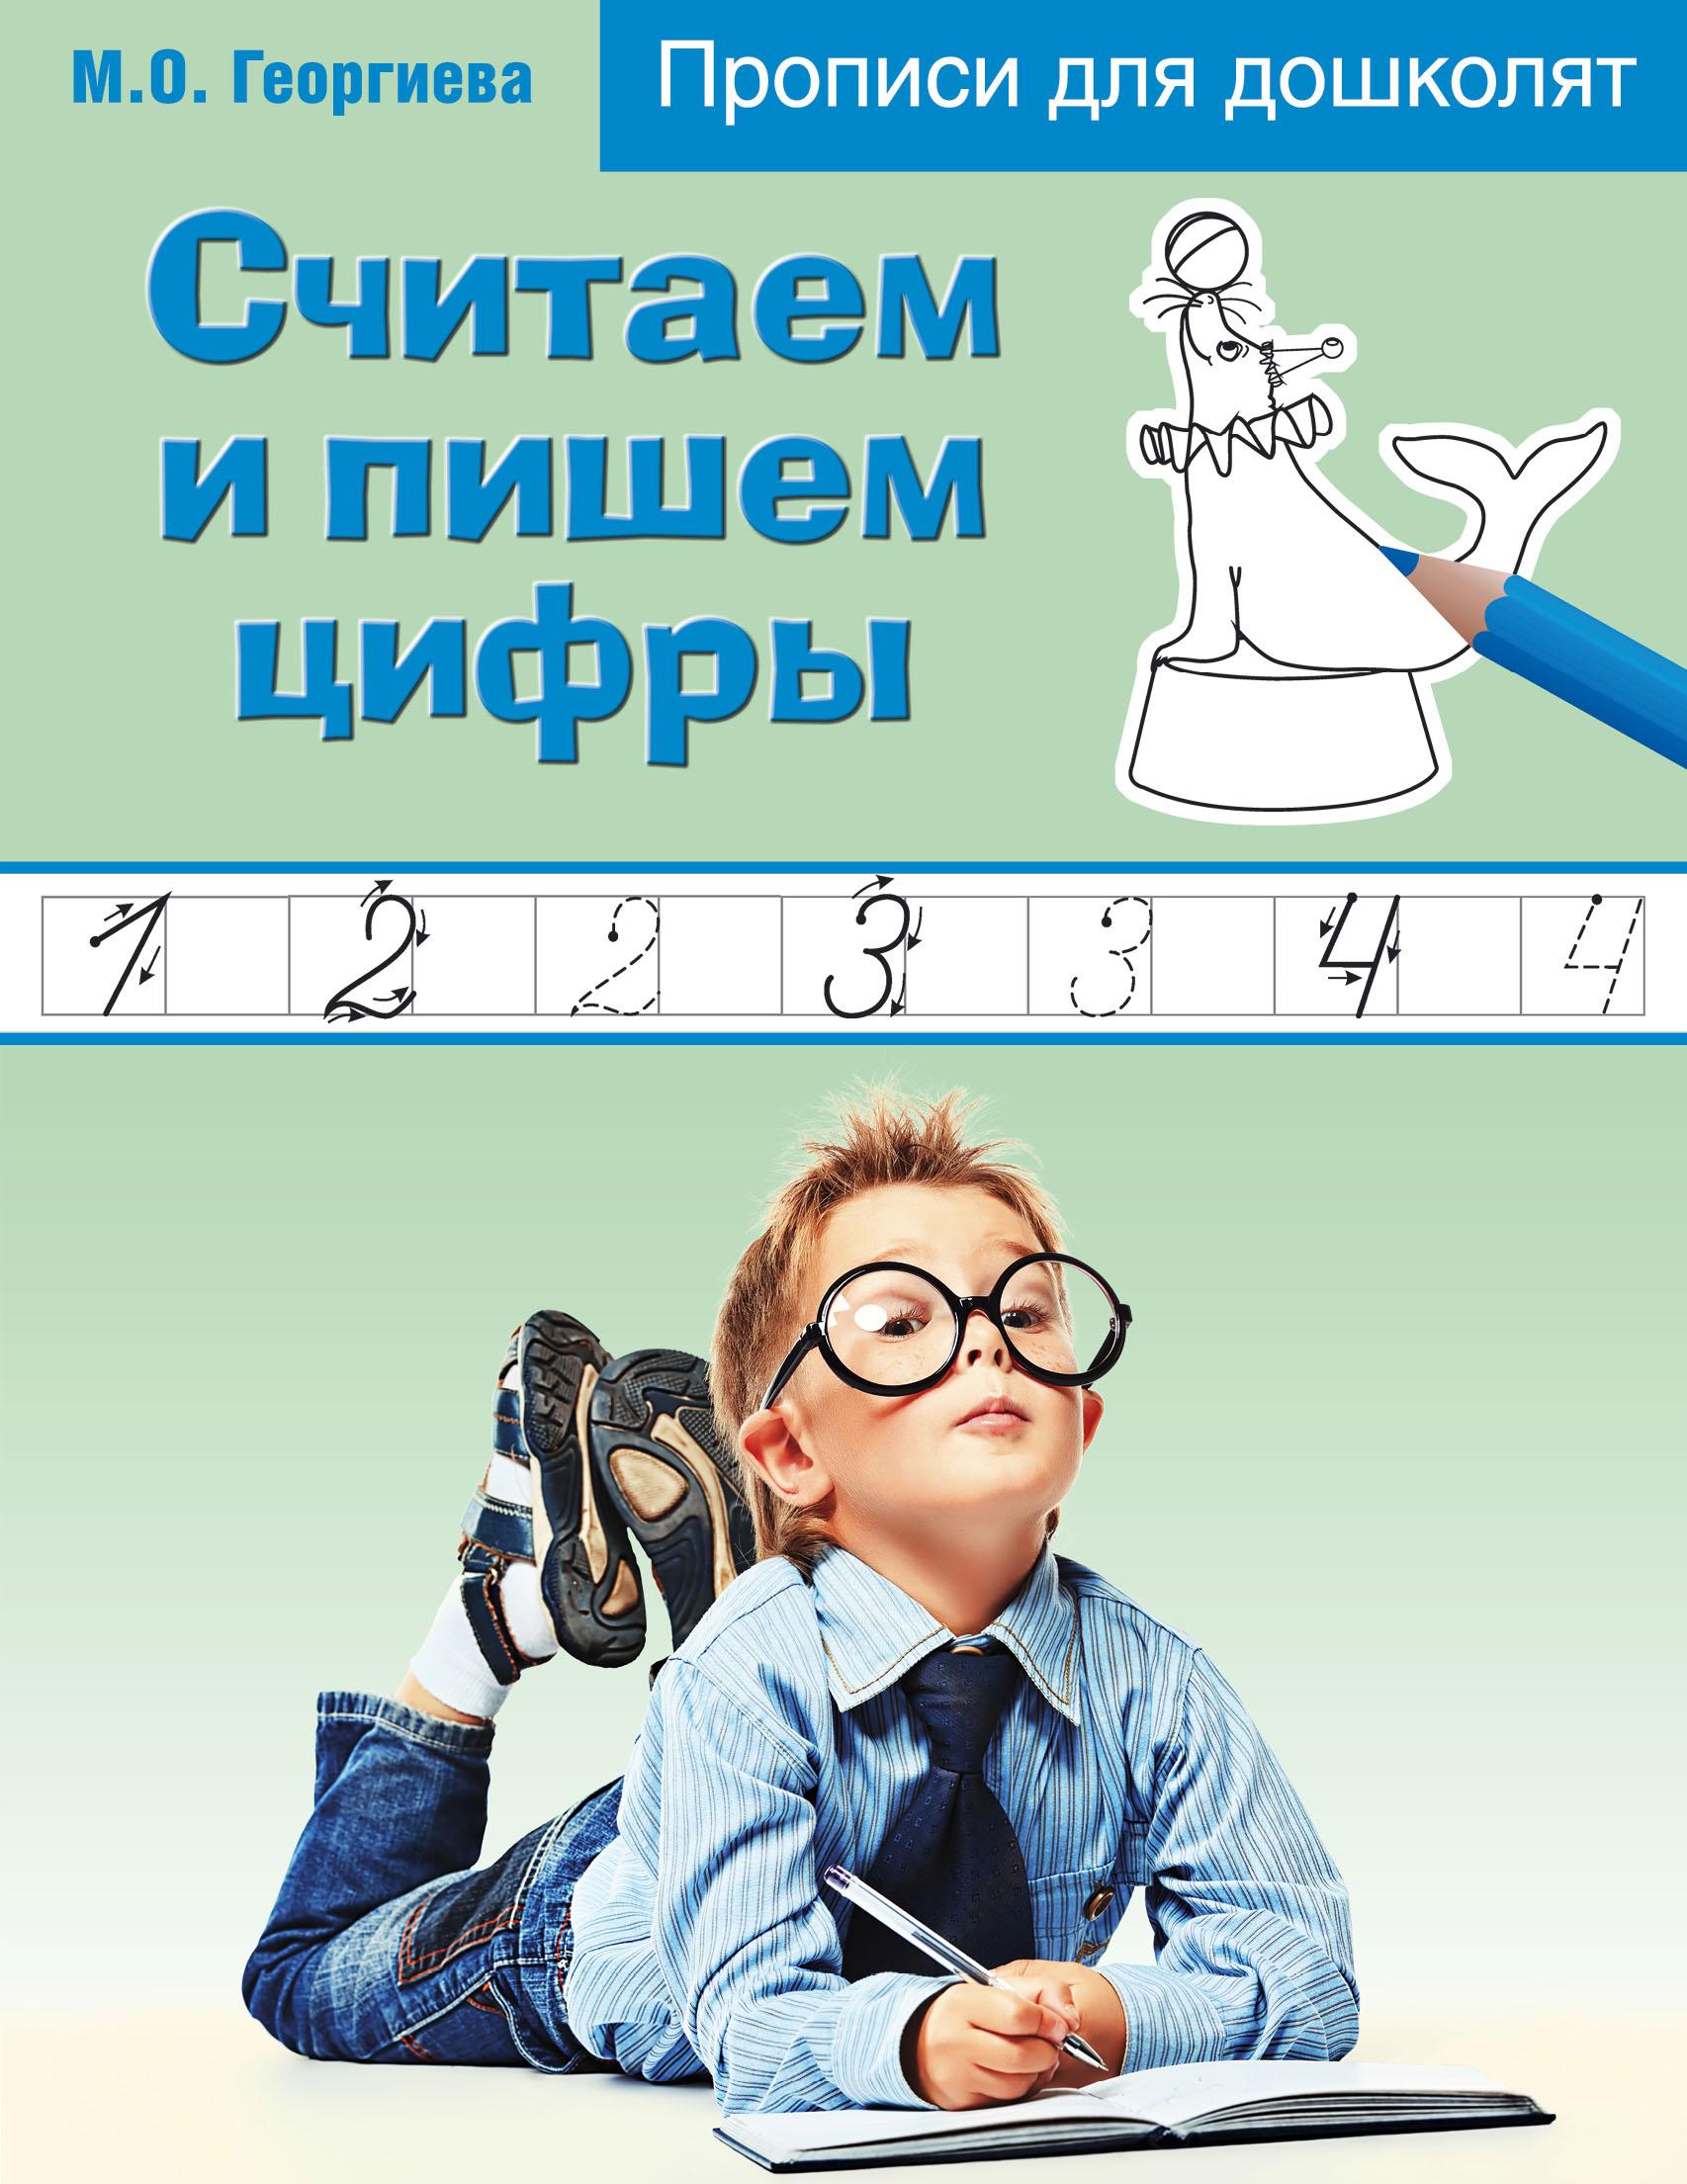 Марина Георгиева Считаем и пишем цифры марина георгиева первые уроки письма задания и элементы